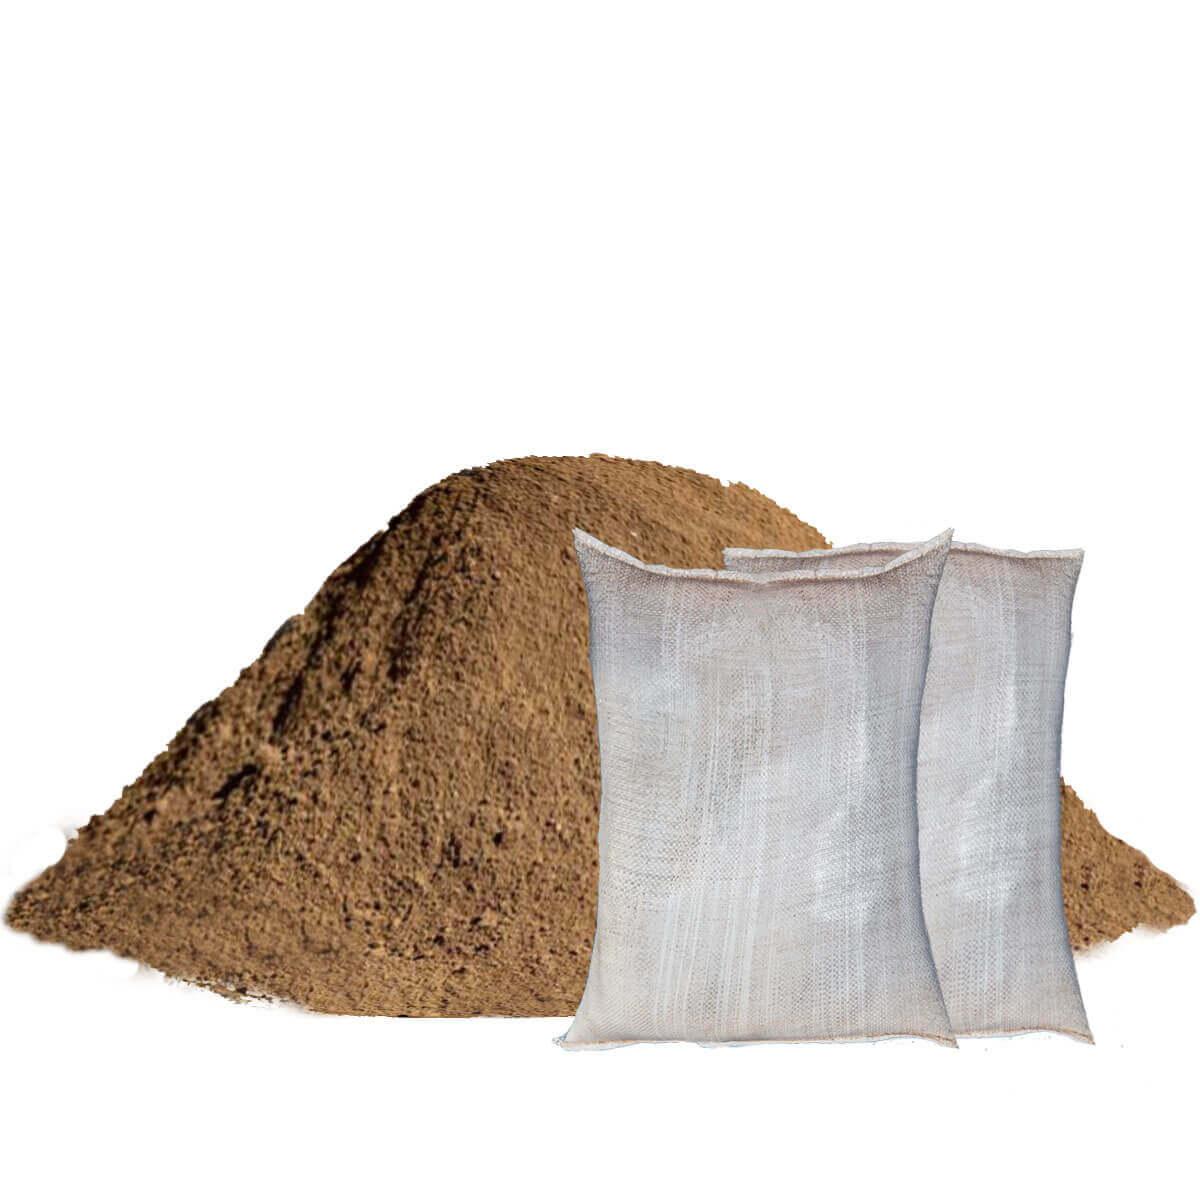 خاک رس آسیابی